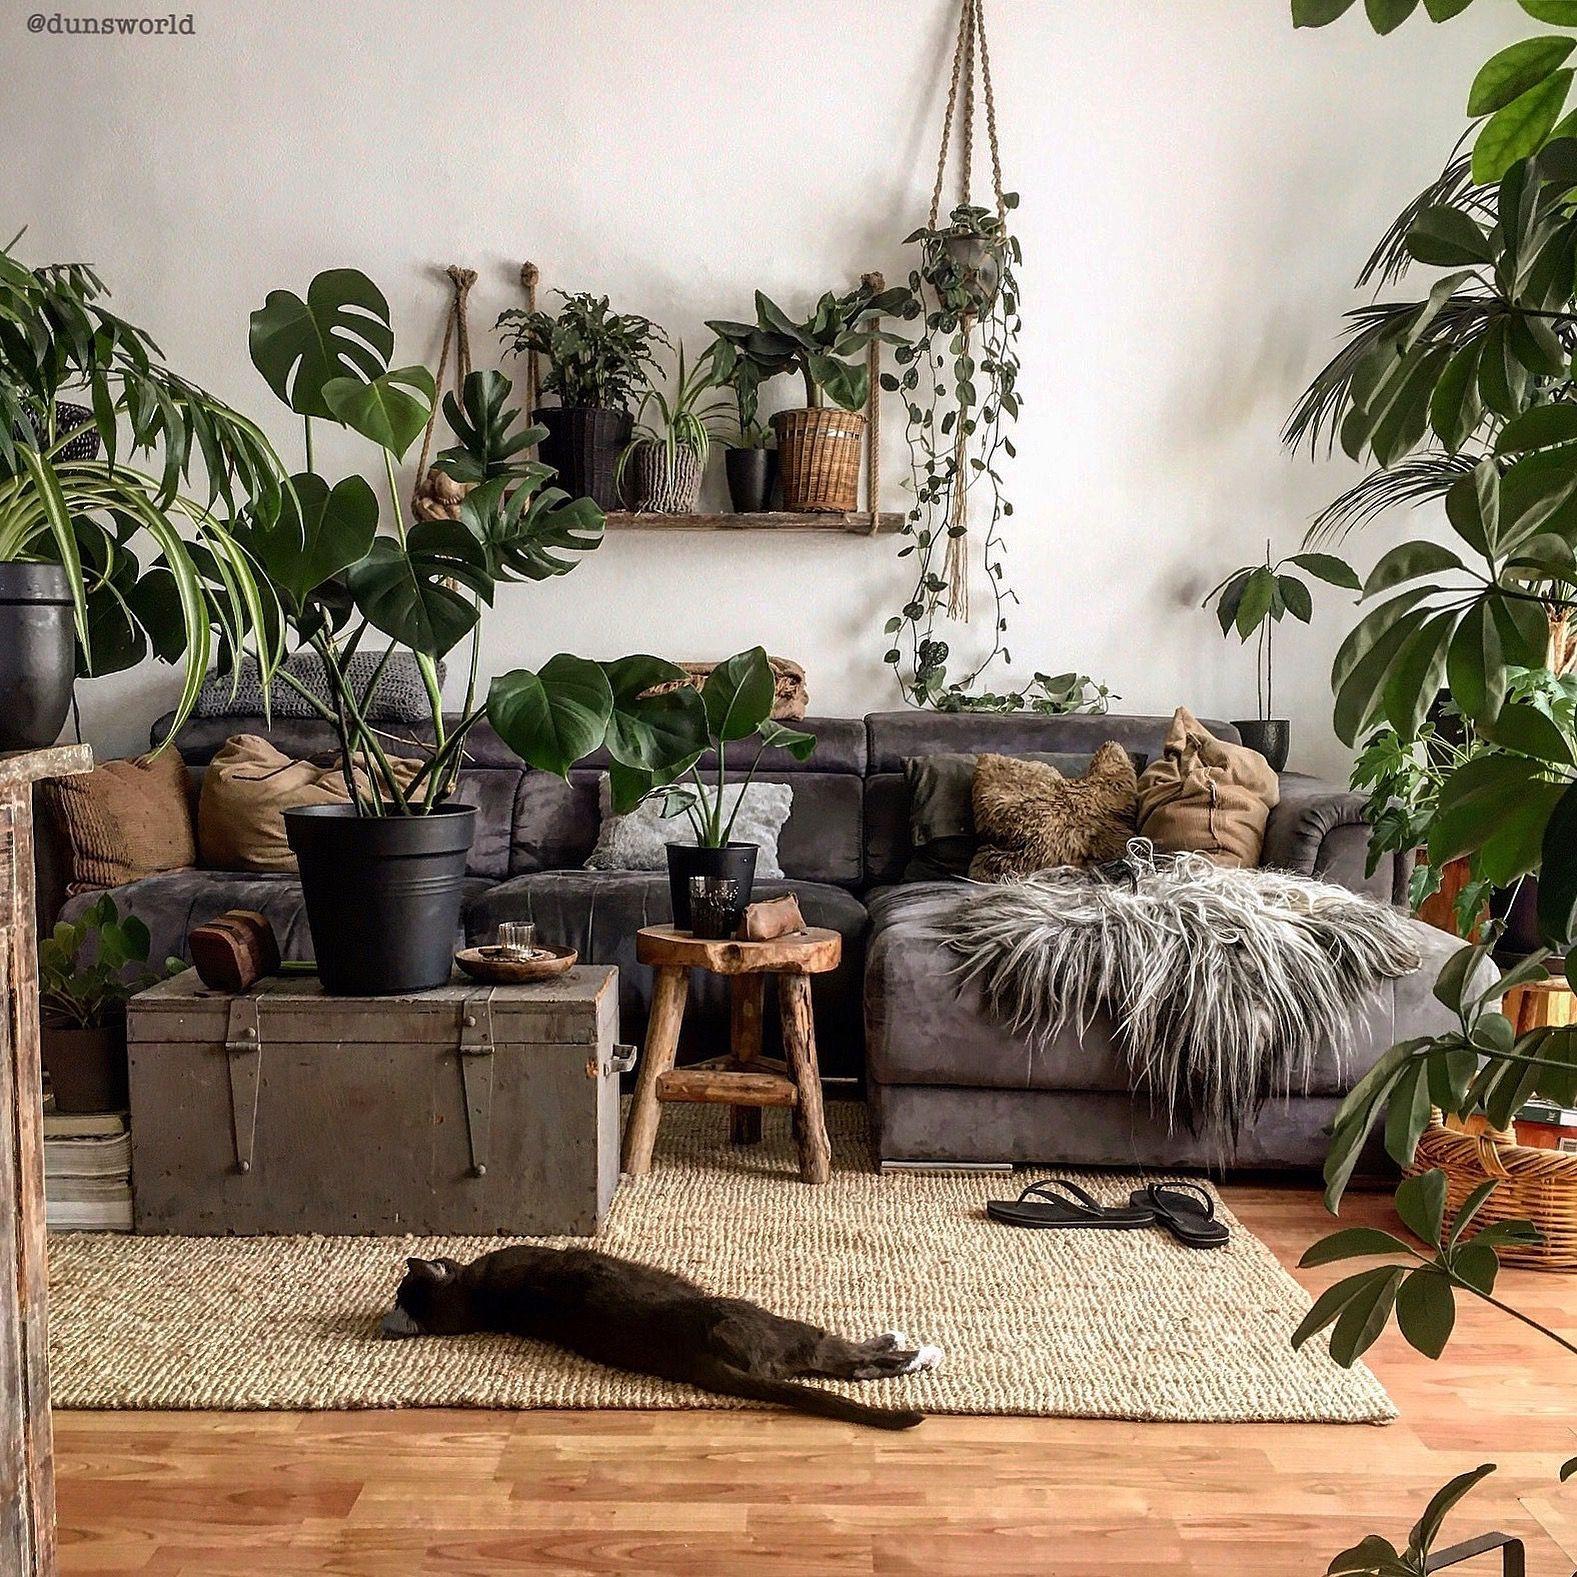 dunsworld Wohnzimmer pflanzen, Grüne wohnzimmer und